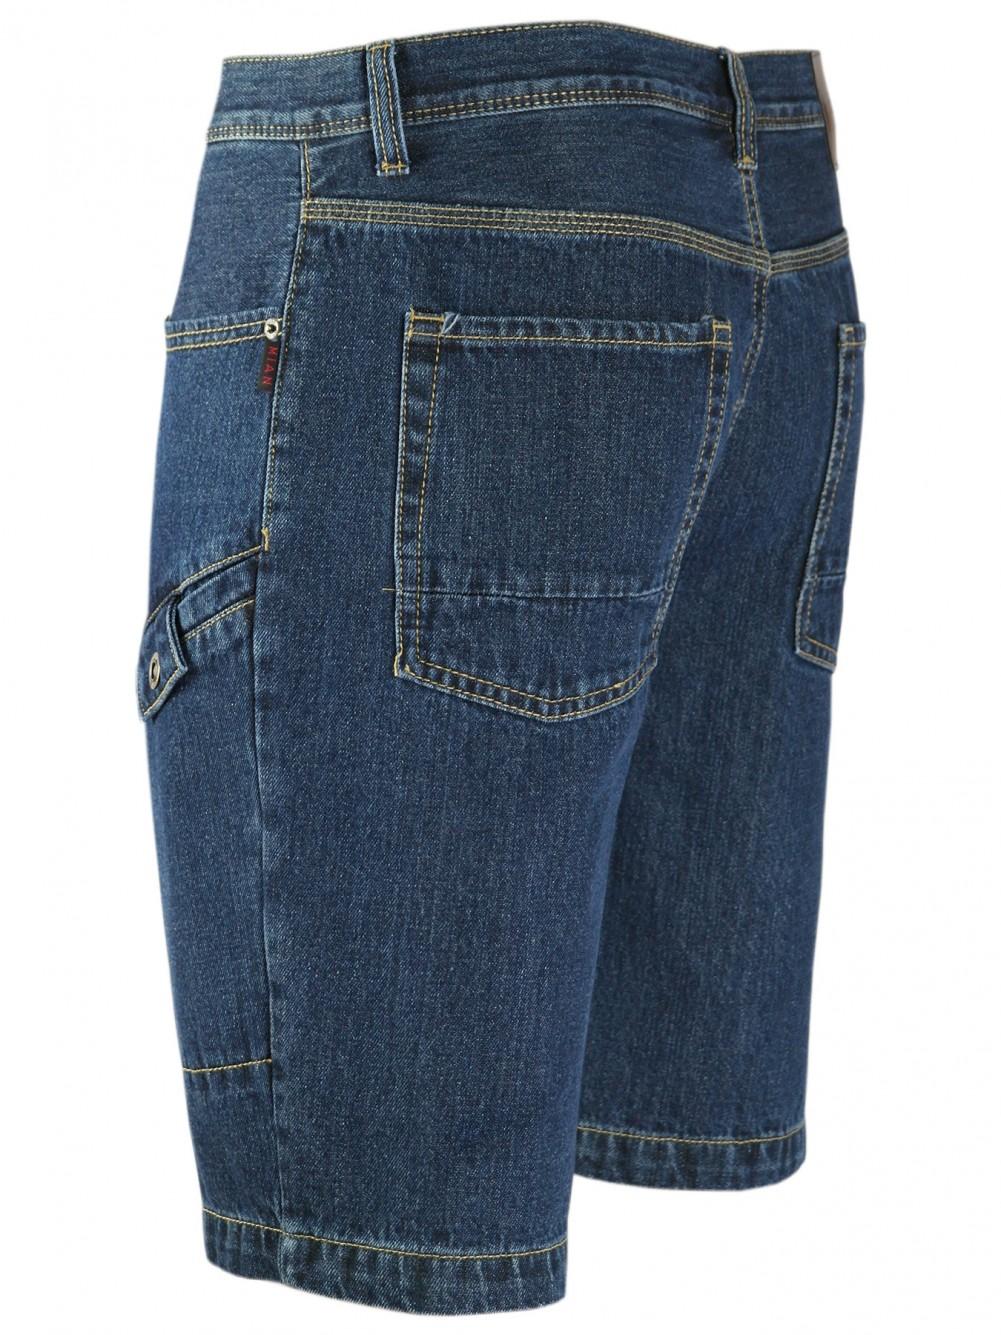 MIAN Denim Herren Shorts Jeans-Shorts 100% Baumwolle DarkBlue/Seitenansicht